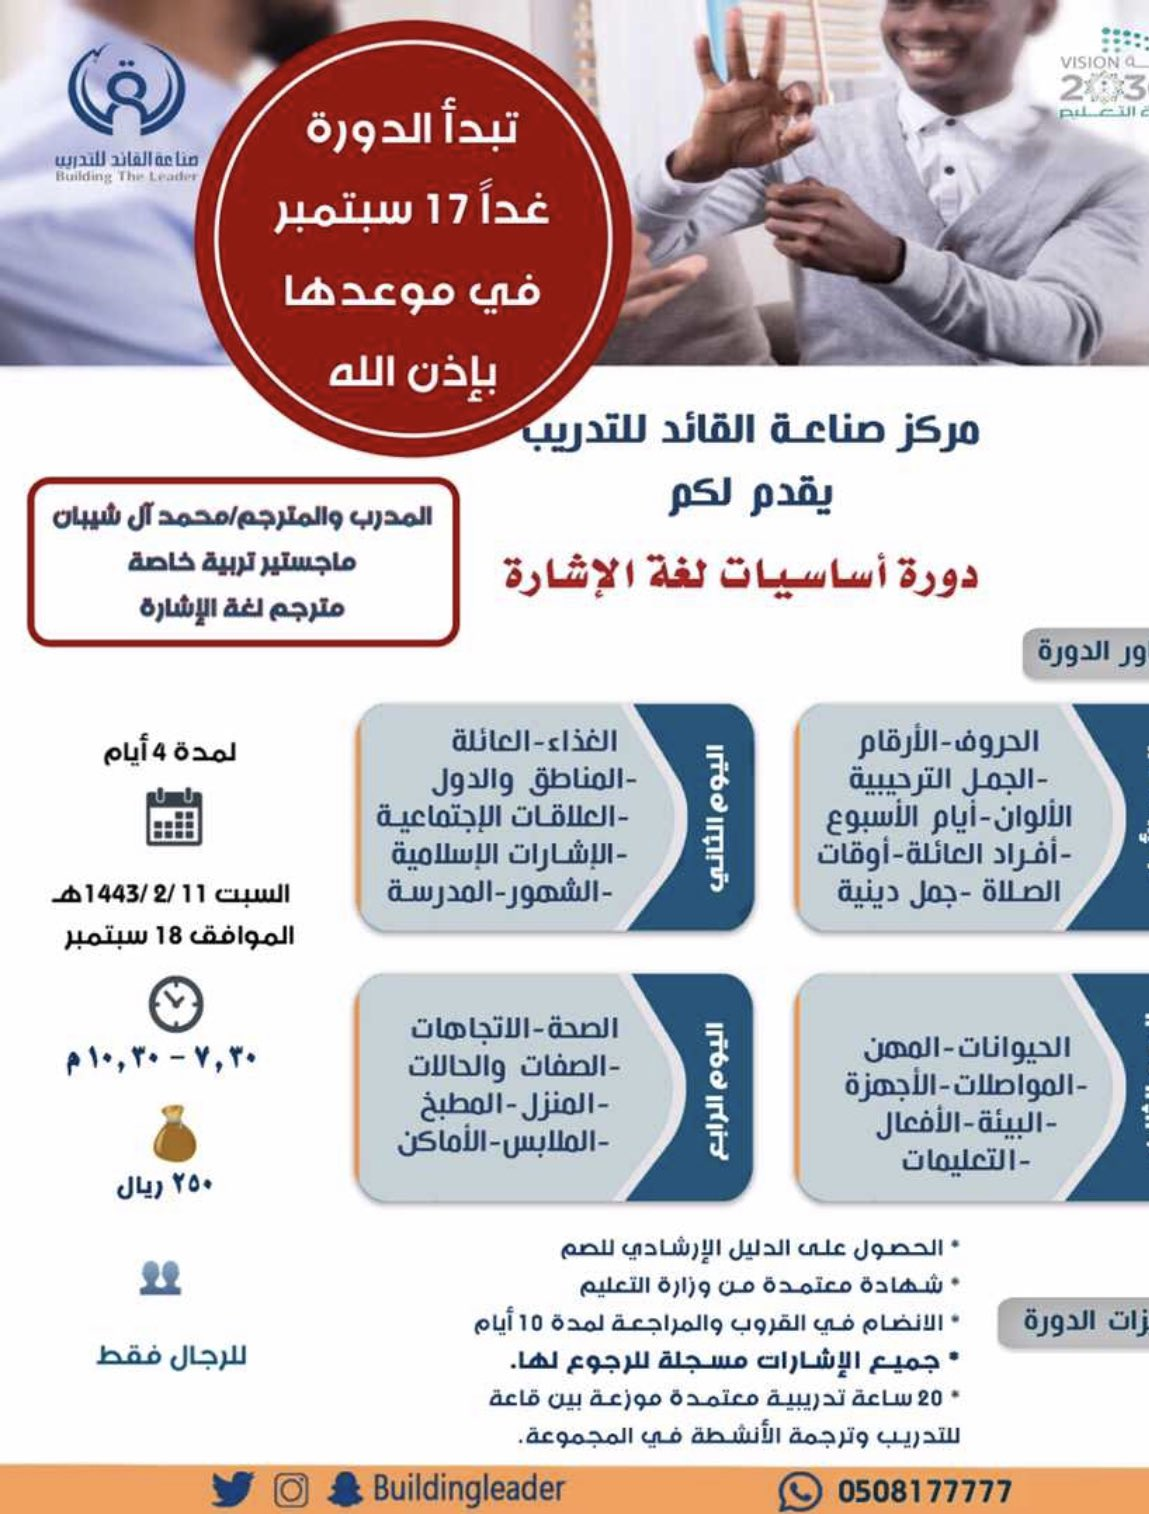 دورة أساسيات لغة الإشارة -4 163196574180091.jpg